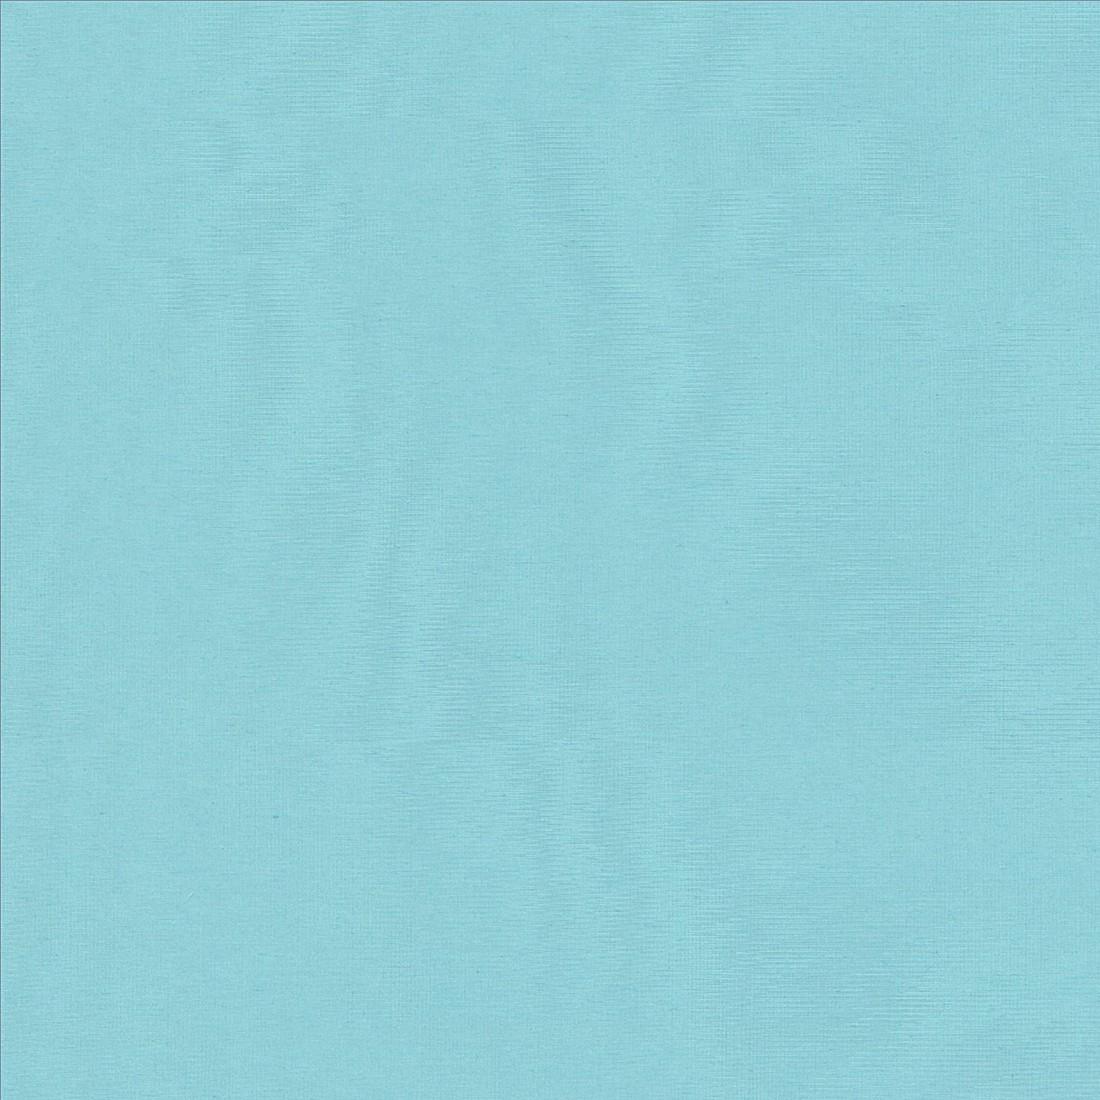 Tischdecke Country – Karibik – 125 x 125 cm, Villeroy&Boch online kaufen